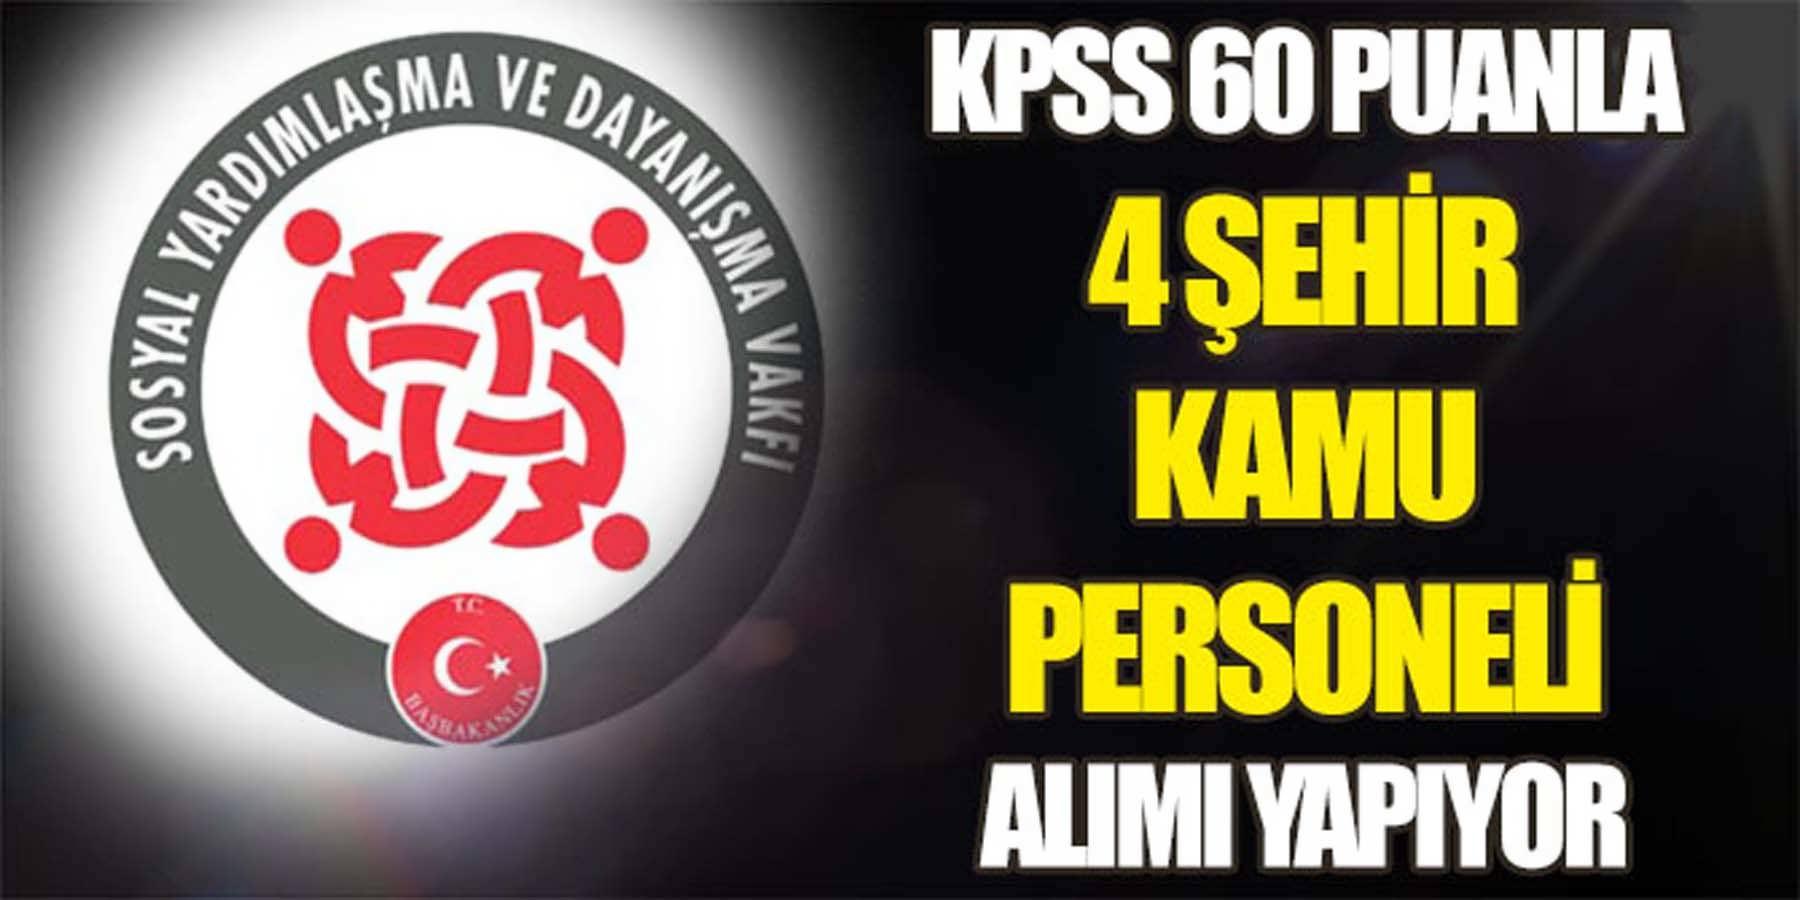 KPSS 60 Puanla 4 Şehir SYDV Kamu Personeli Alımı